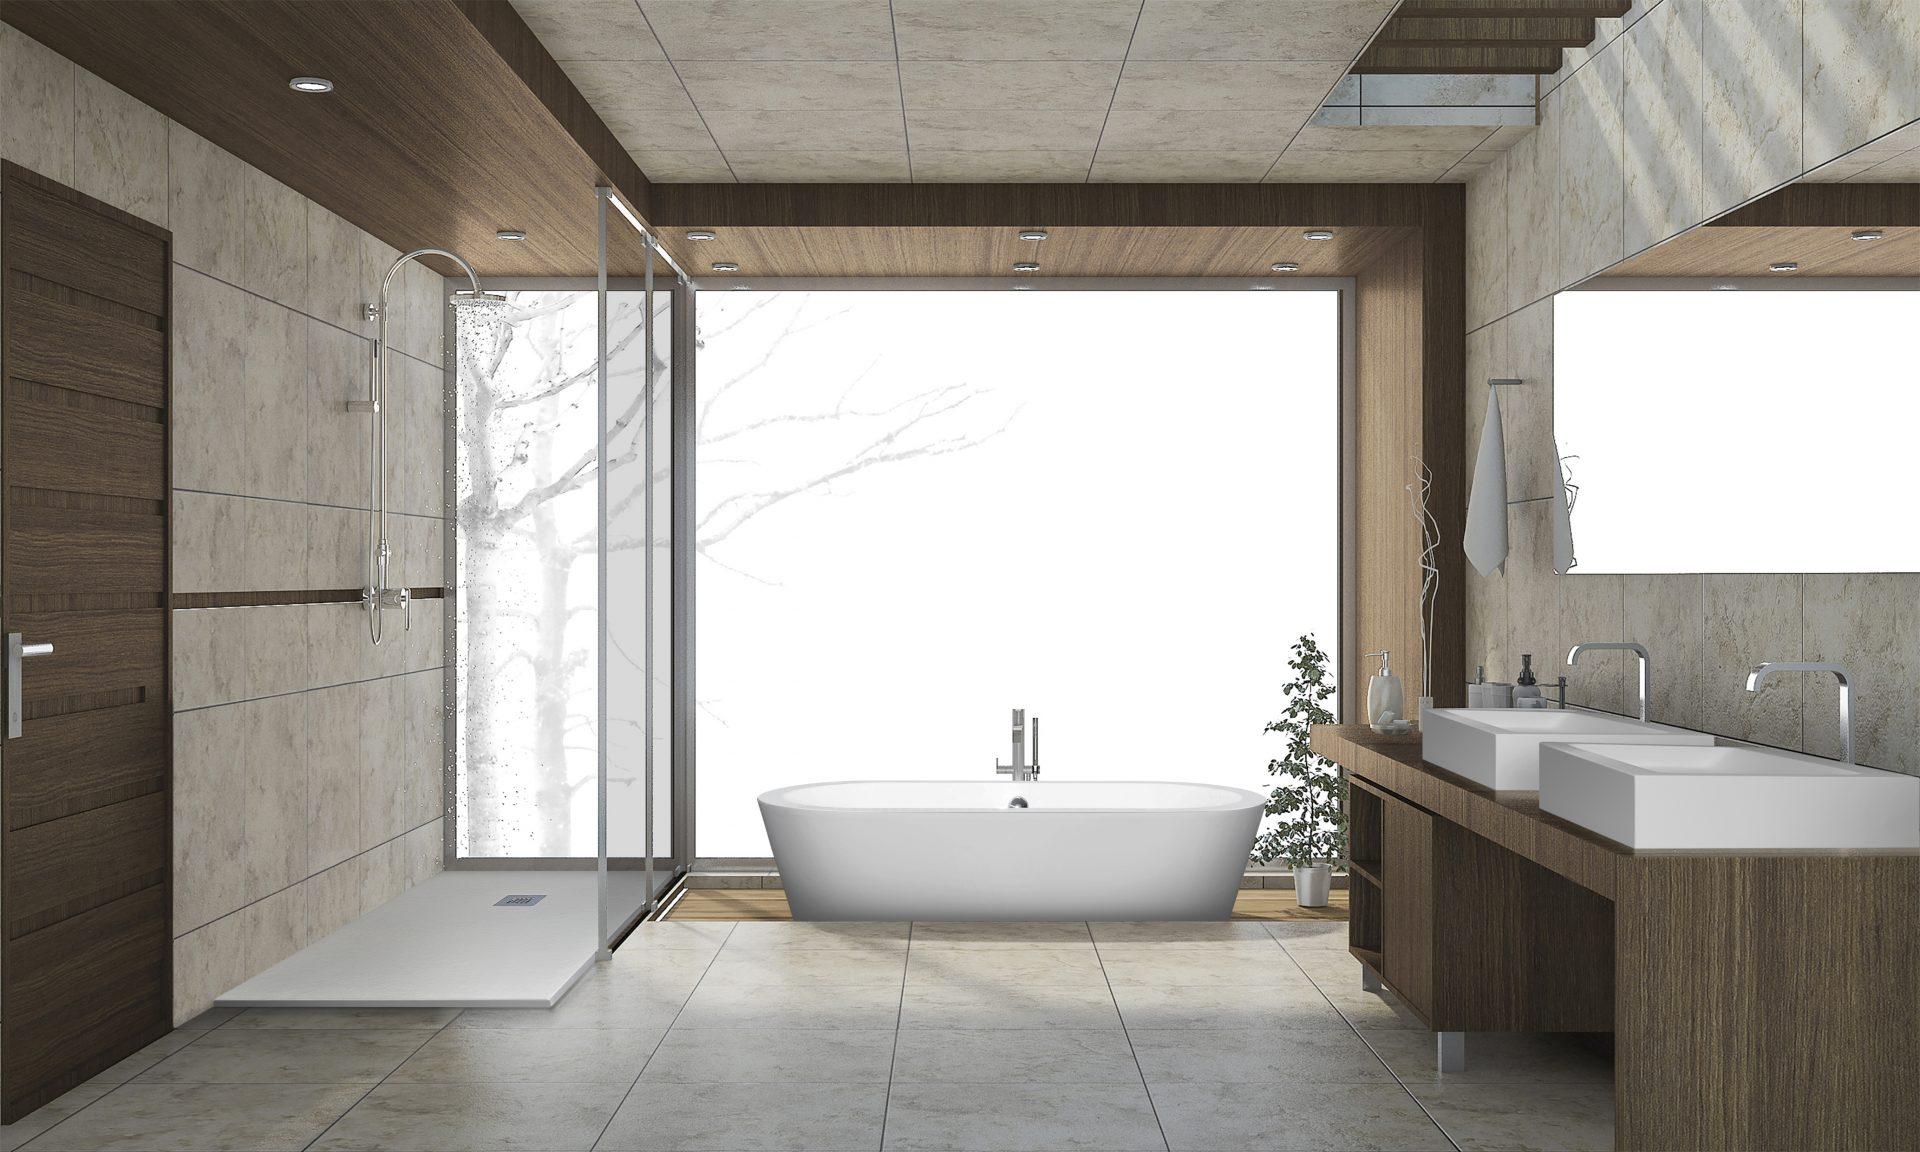 Shower Pan LLC image 3